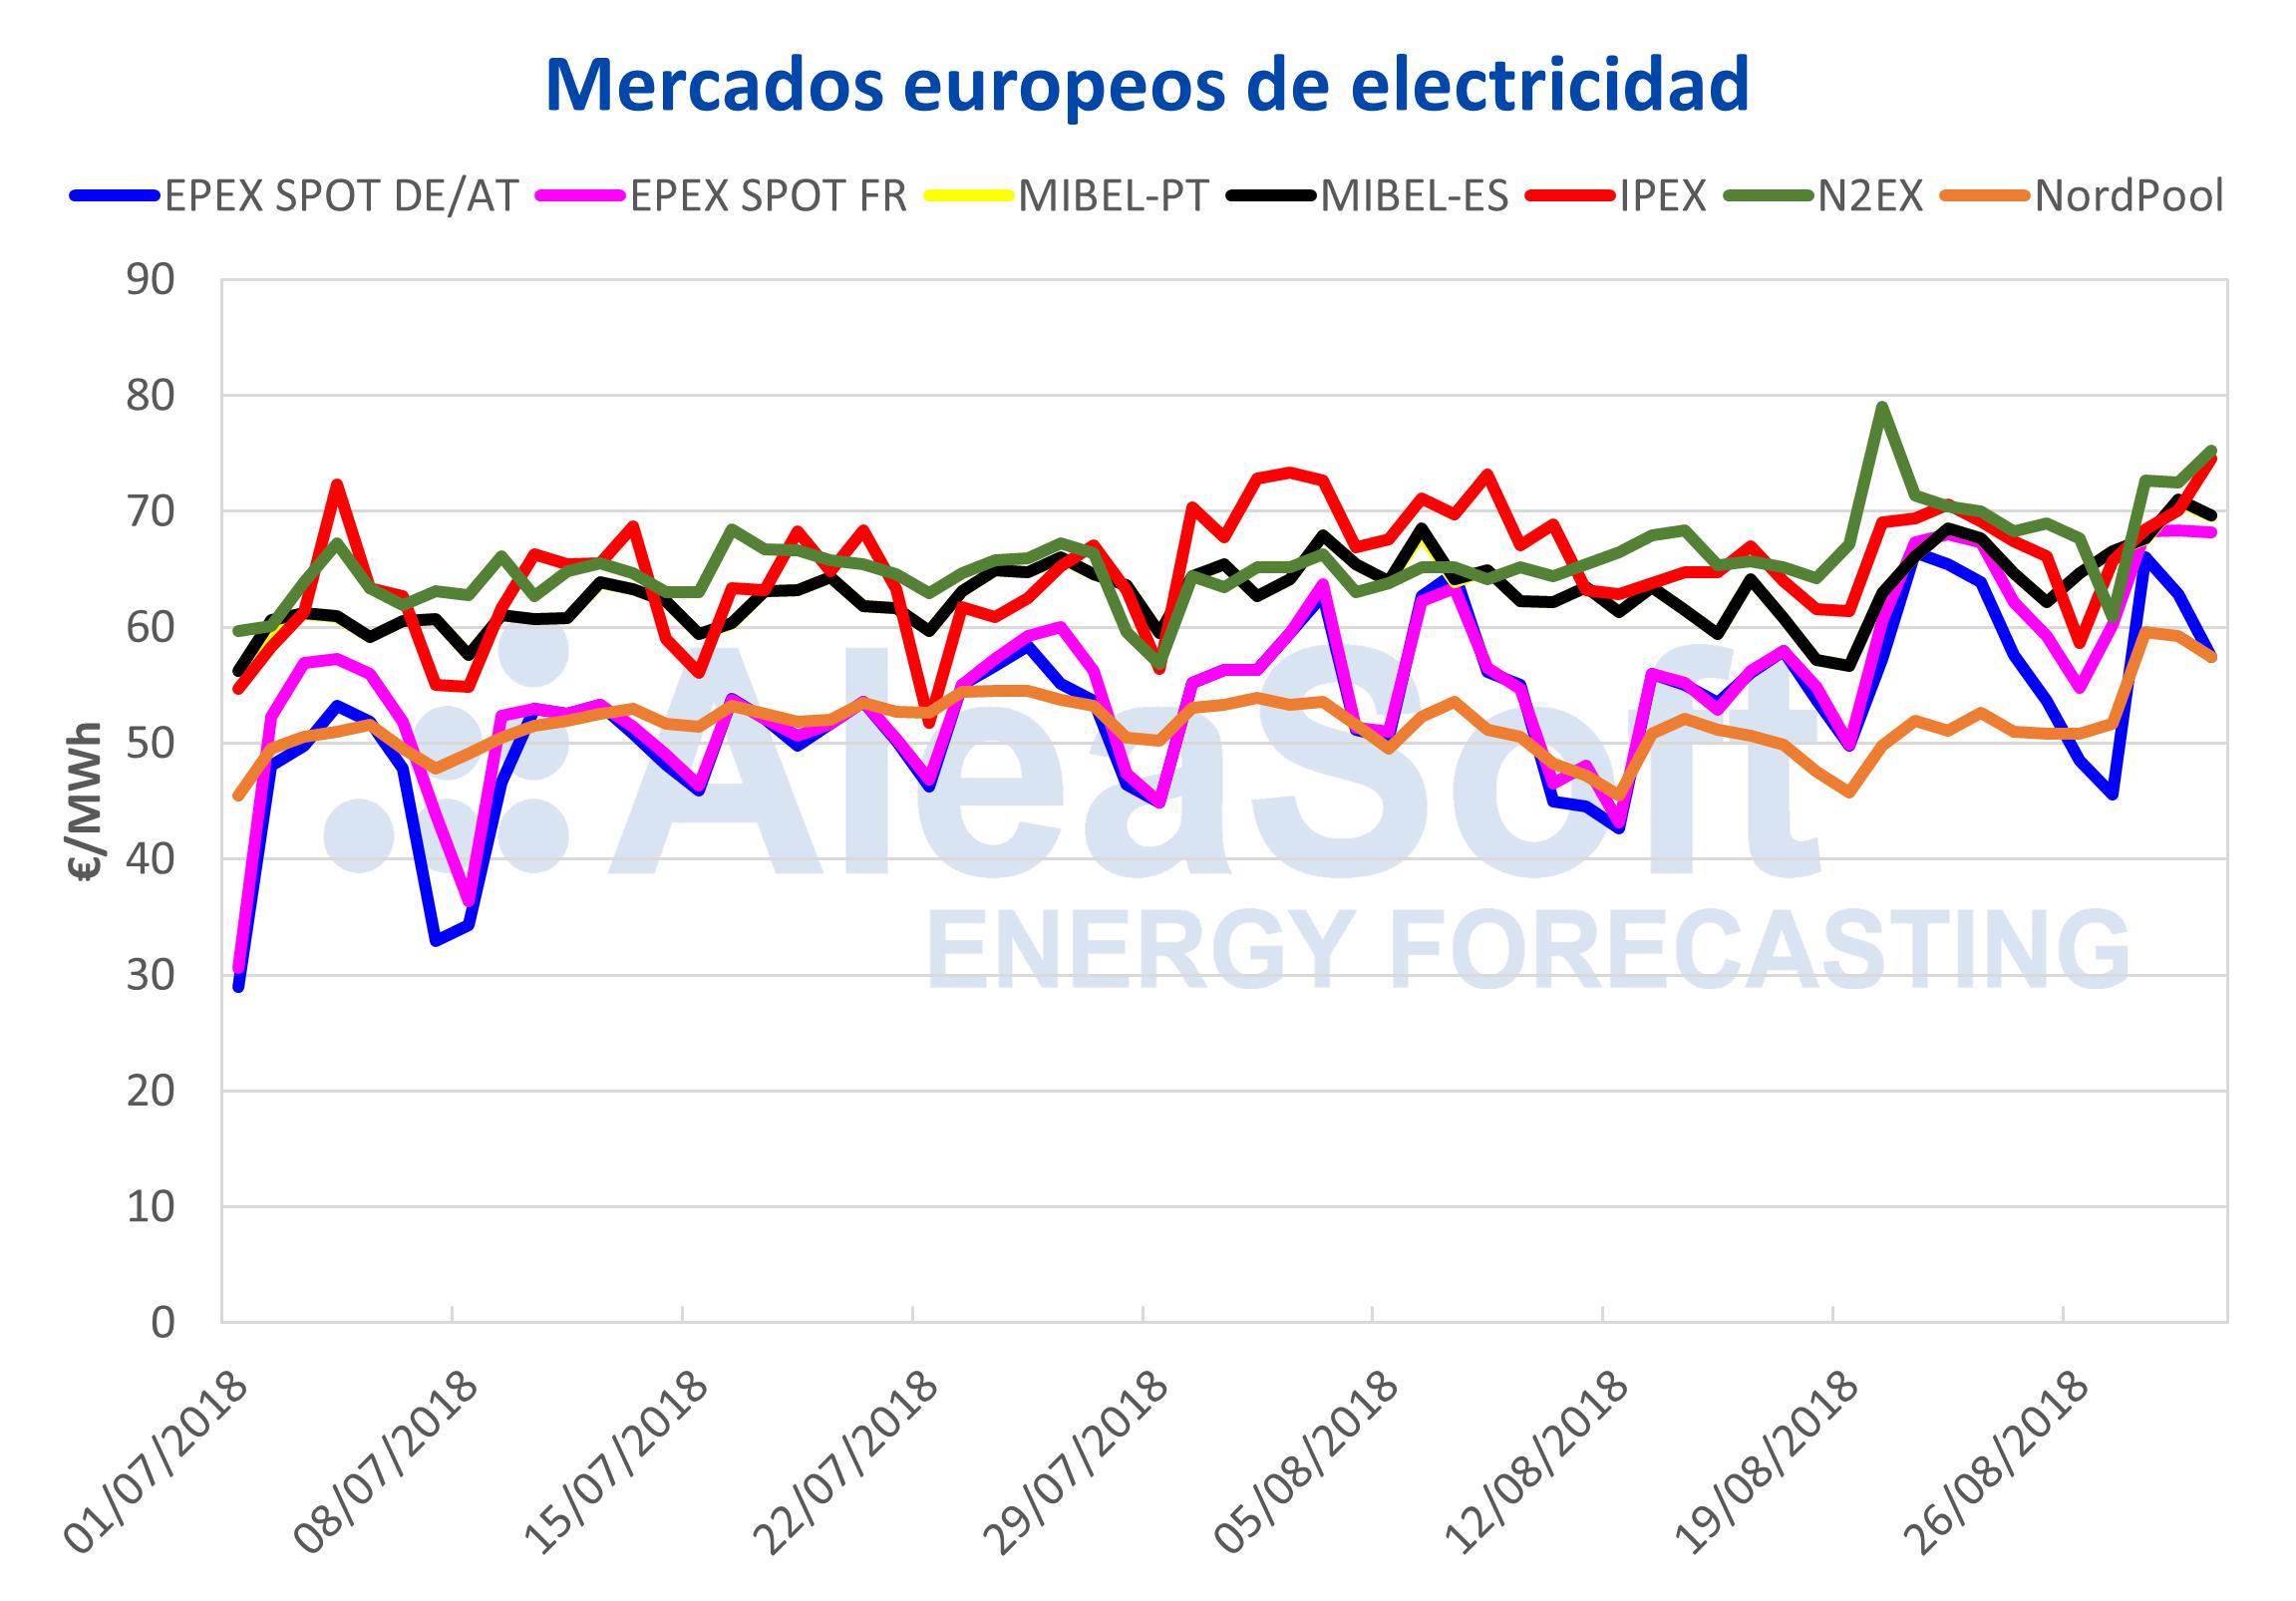 AleaSoft – Precios mercados europeos electricidad